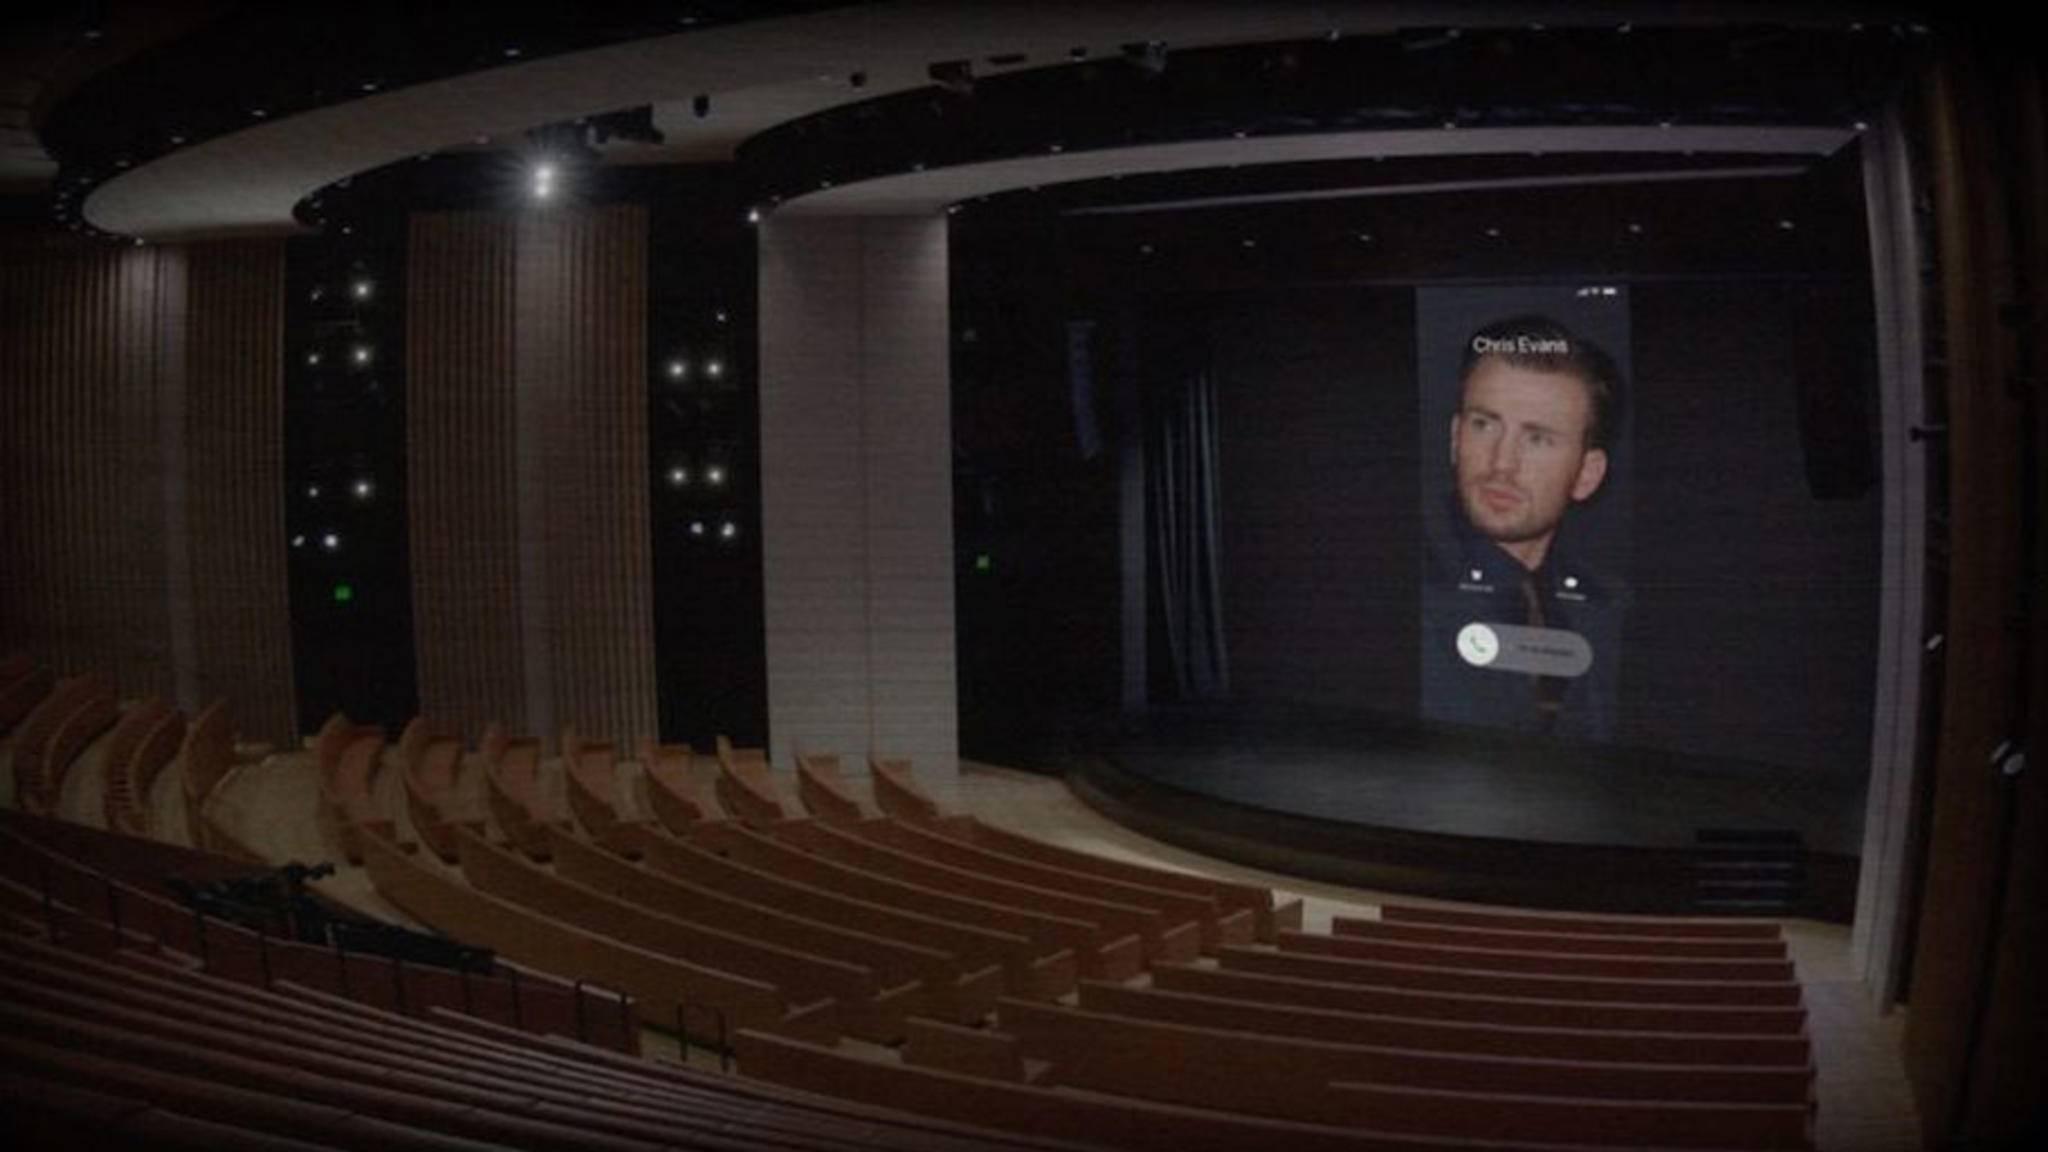 Auch Hollywoodstar Chris Evans lässt es sich nicht nehmen, zwischendurch bei Apple anzurufen.